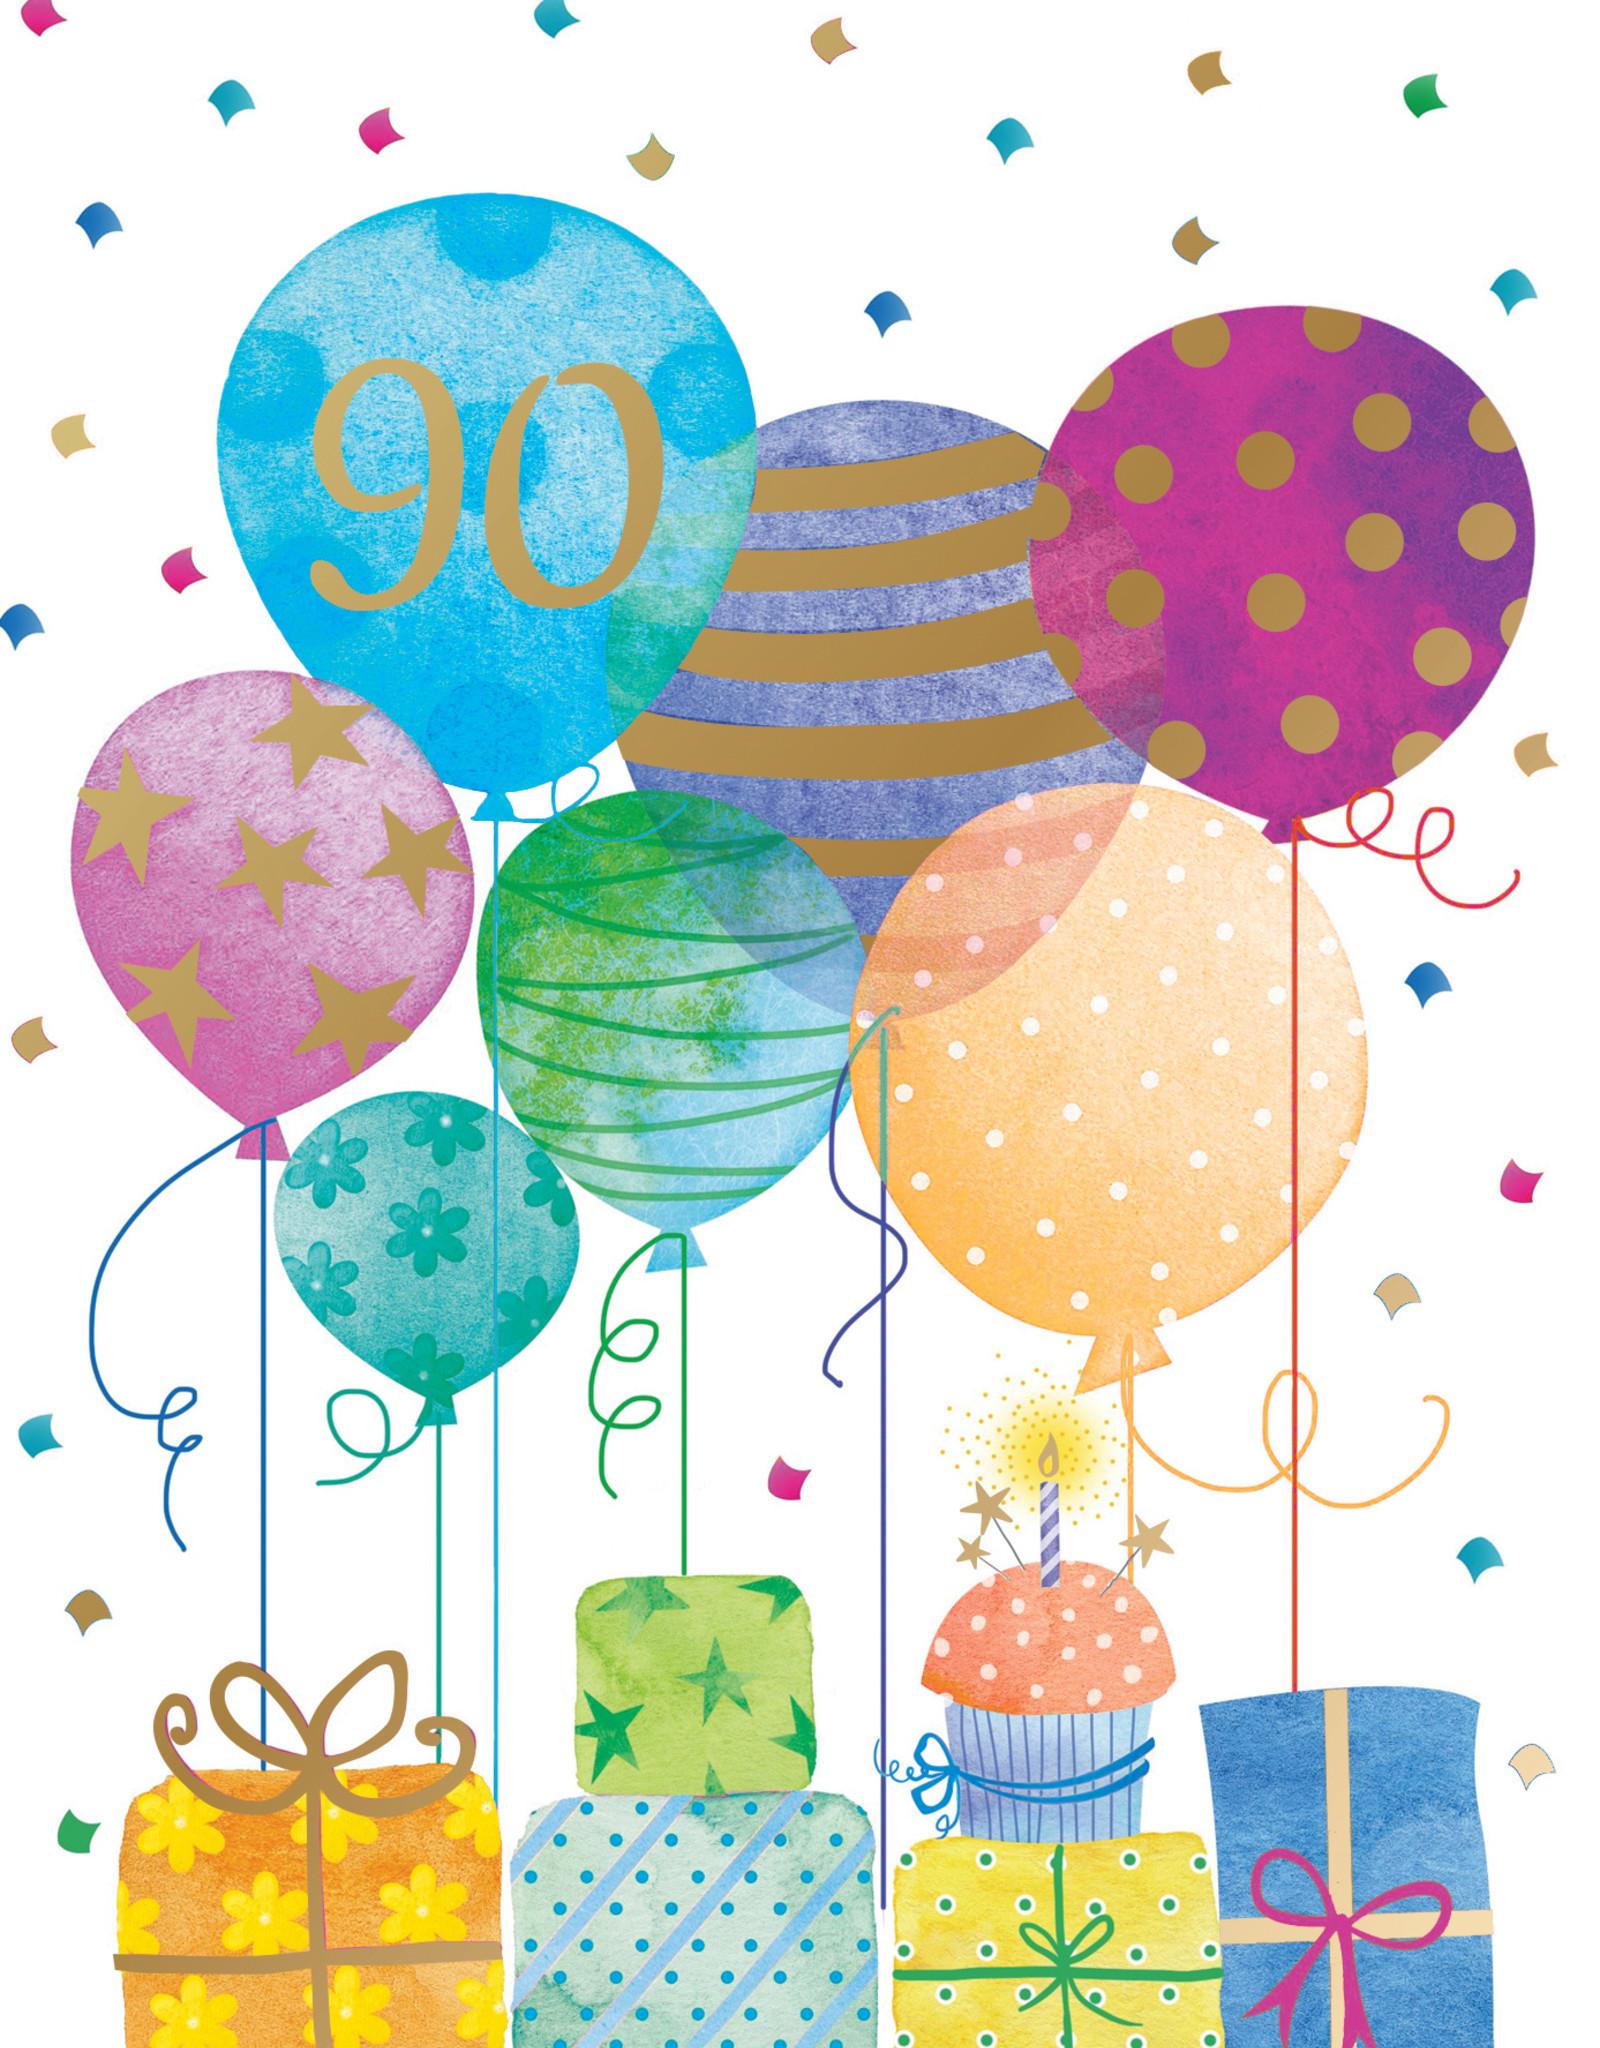 Pictura Pictura - 90th Birthday Card 60949